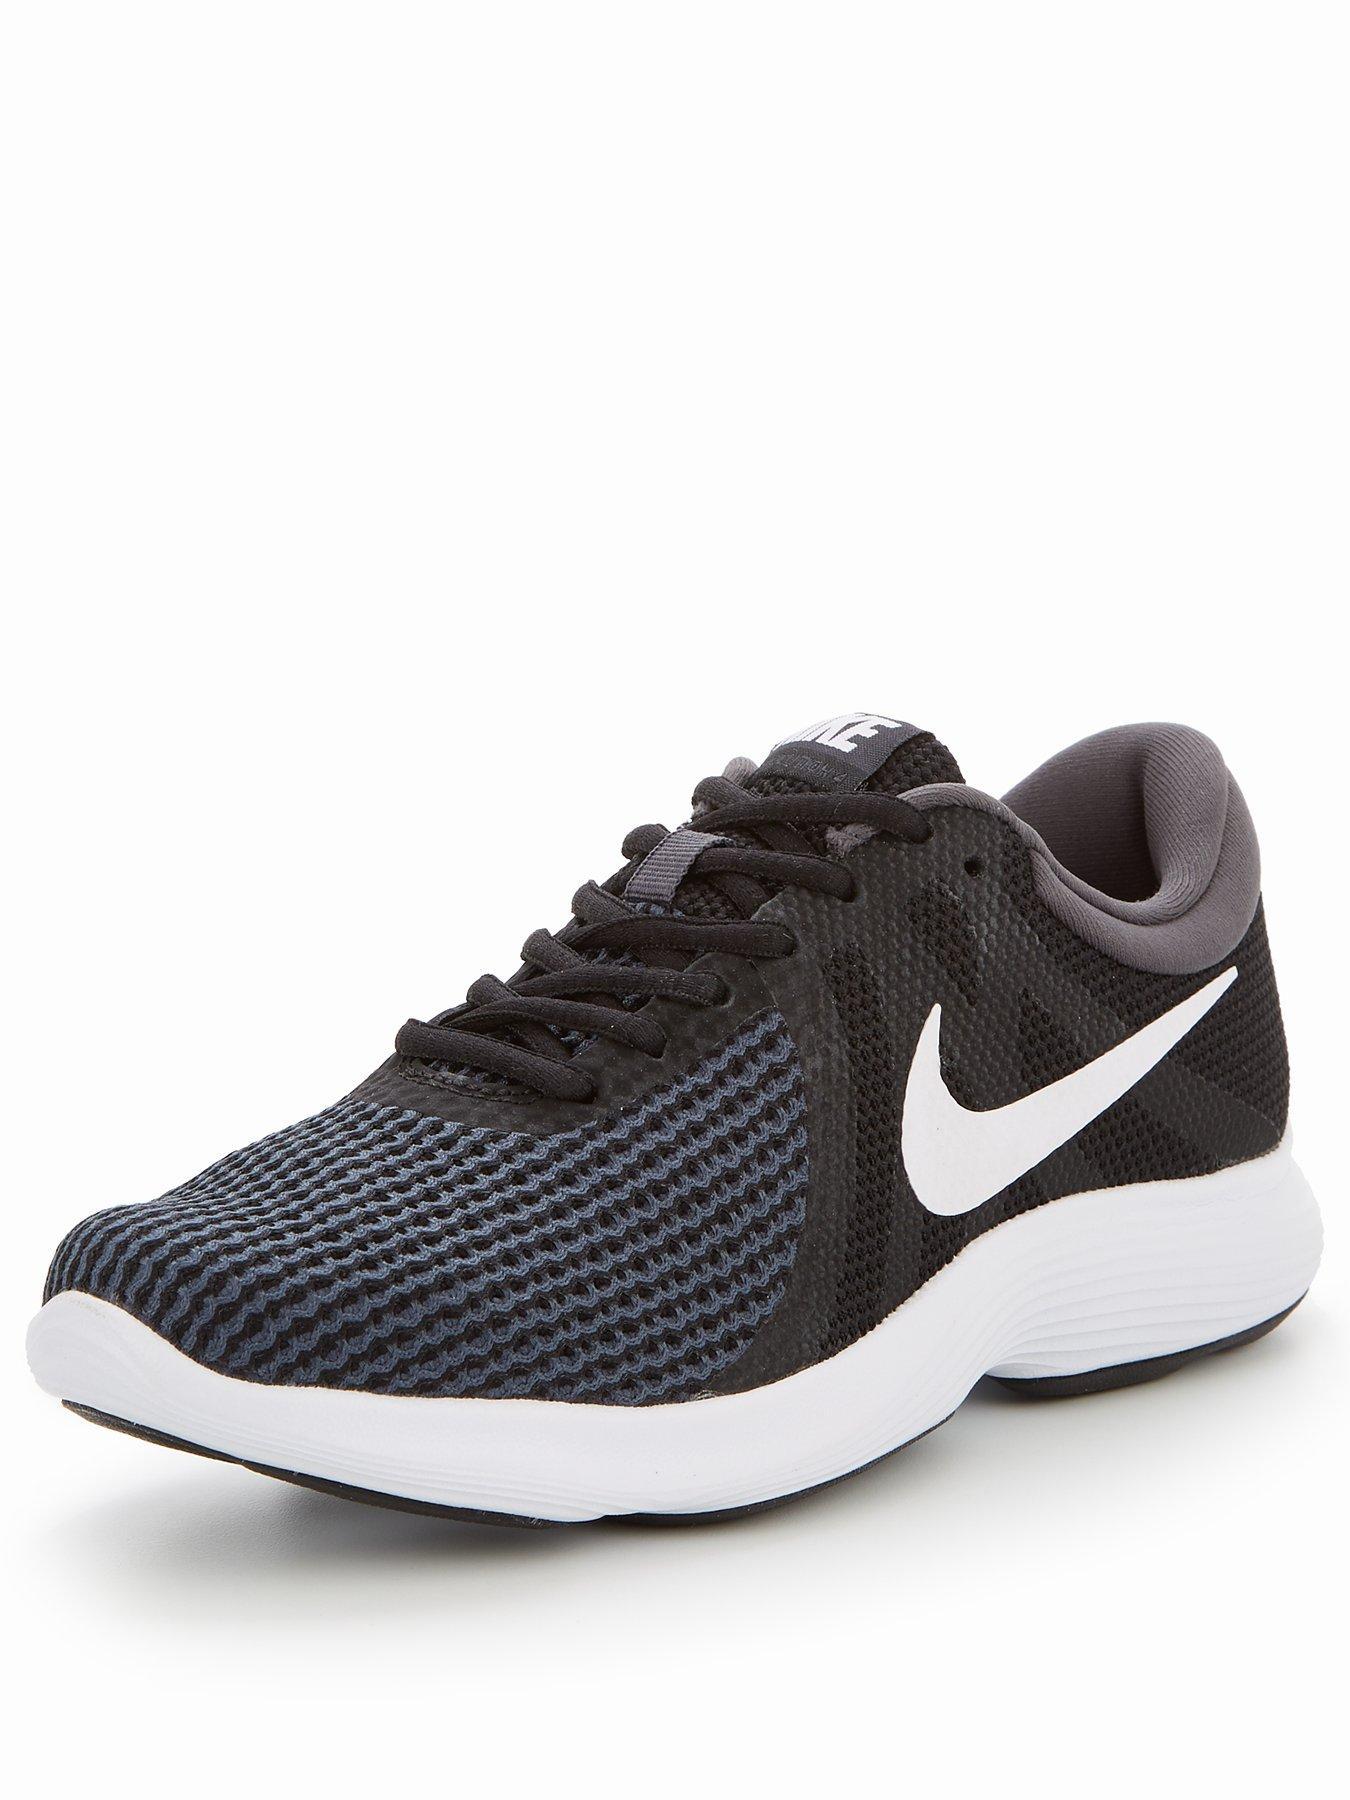 propre et classique la sortie offres Nike Free Tr2 Violet Sbire KJItMisI